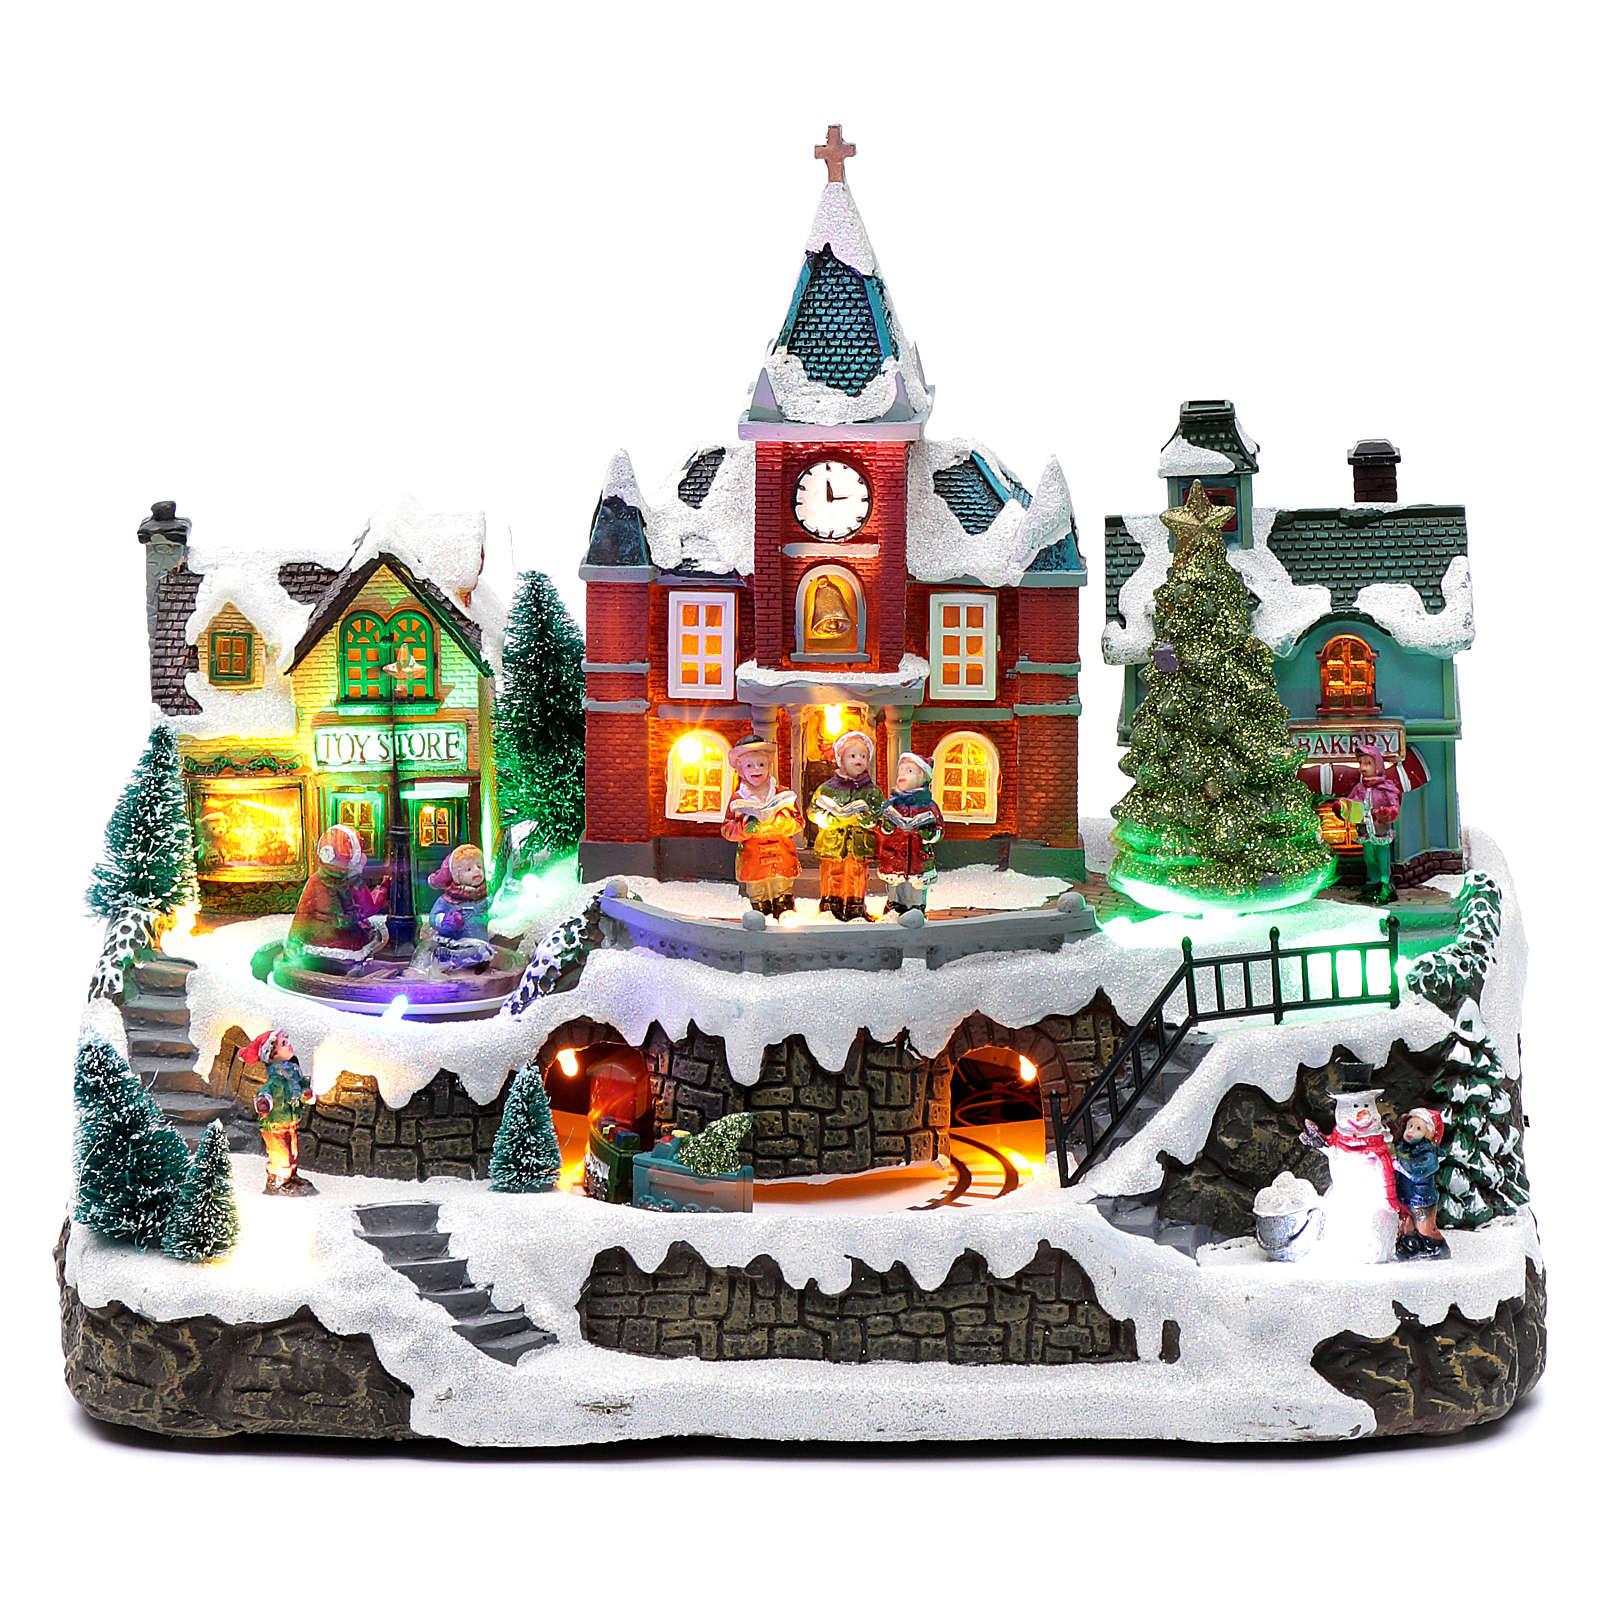 Cenário natalino em miniatura iluminado movimento trem, árvore de Natal, crianças 28x34x19 cm 3